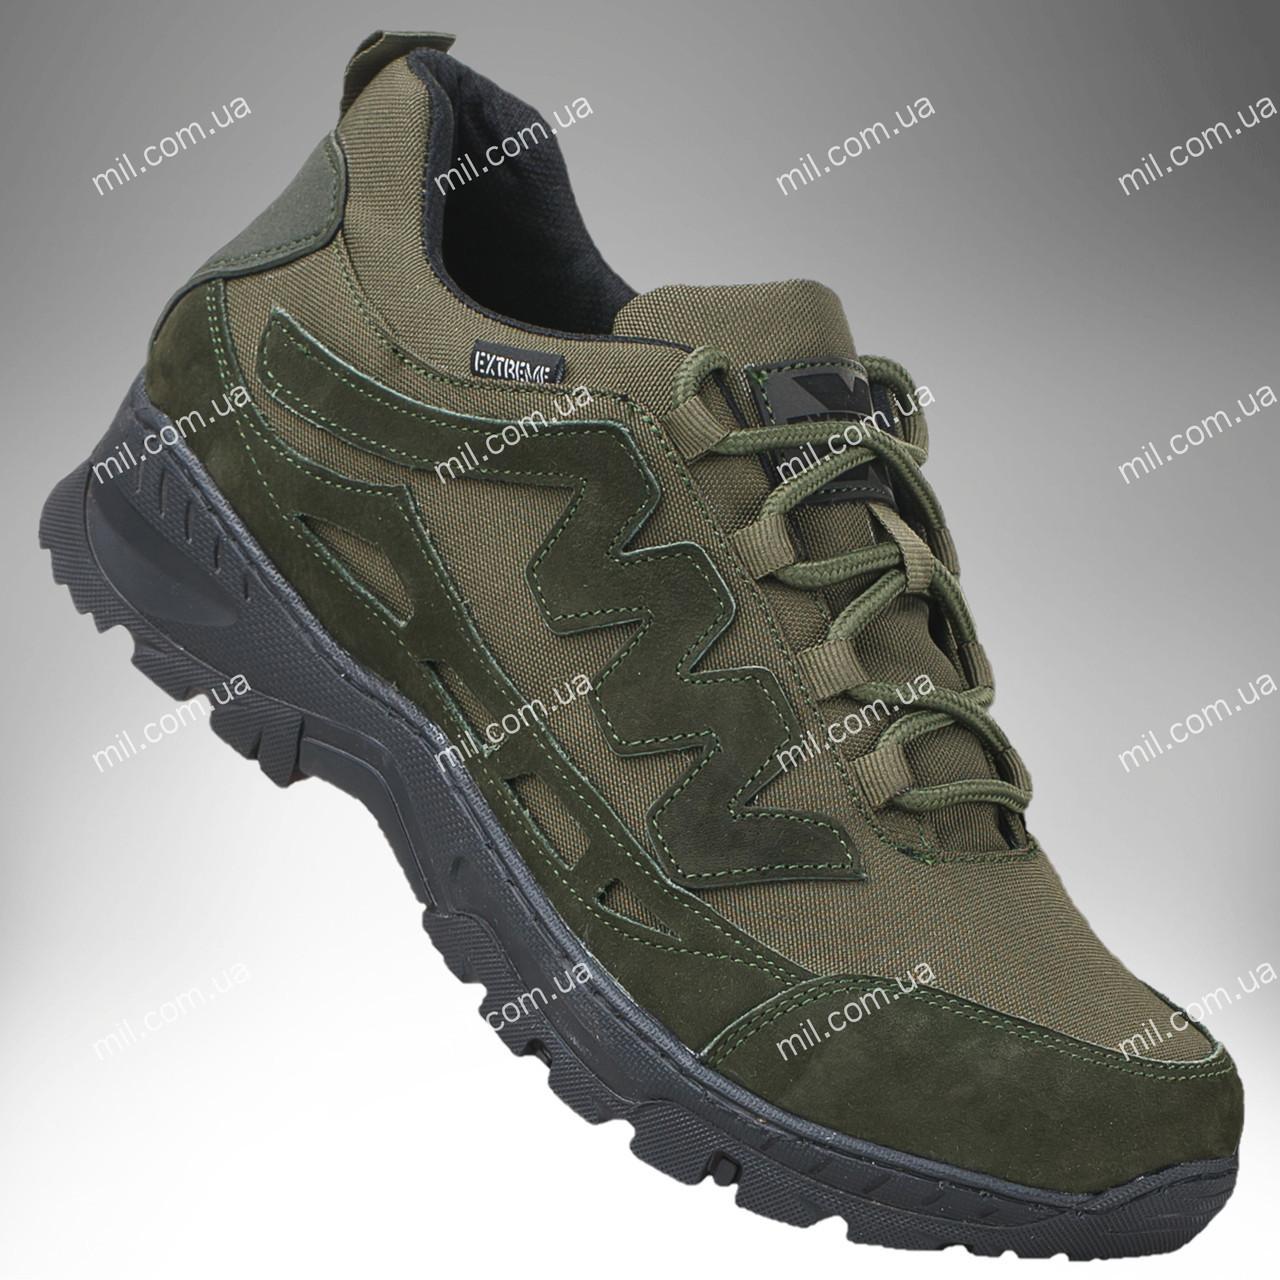 Тактичні літні кросівки / військова взуття Comanche Gen.II (olive)